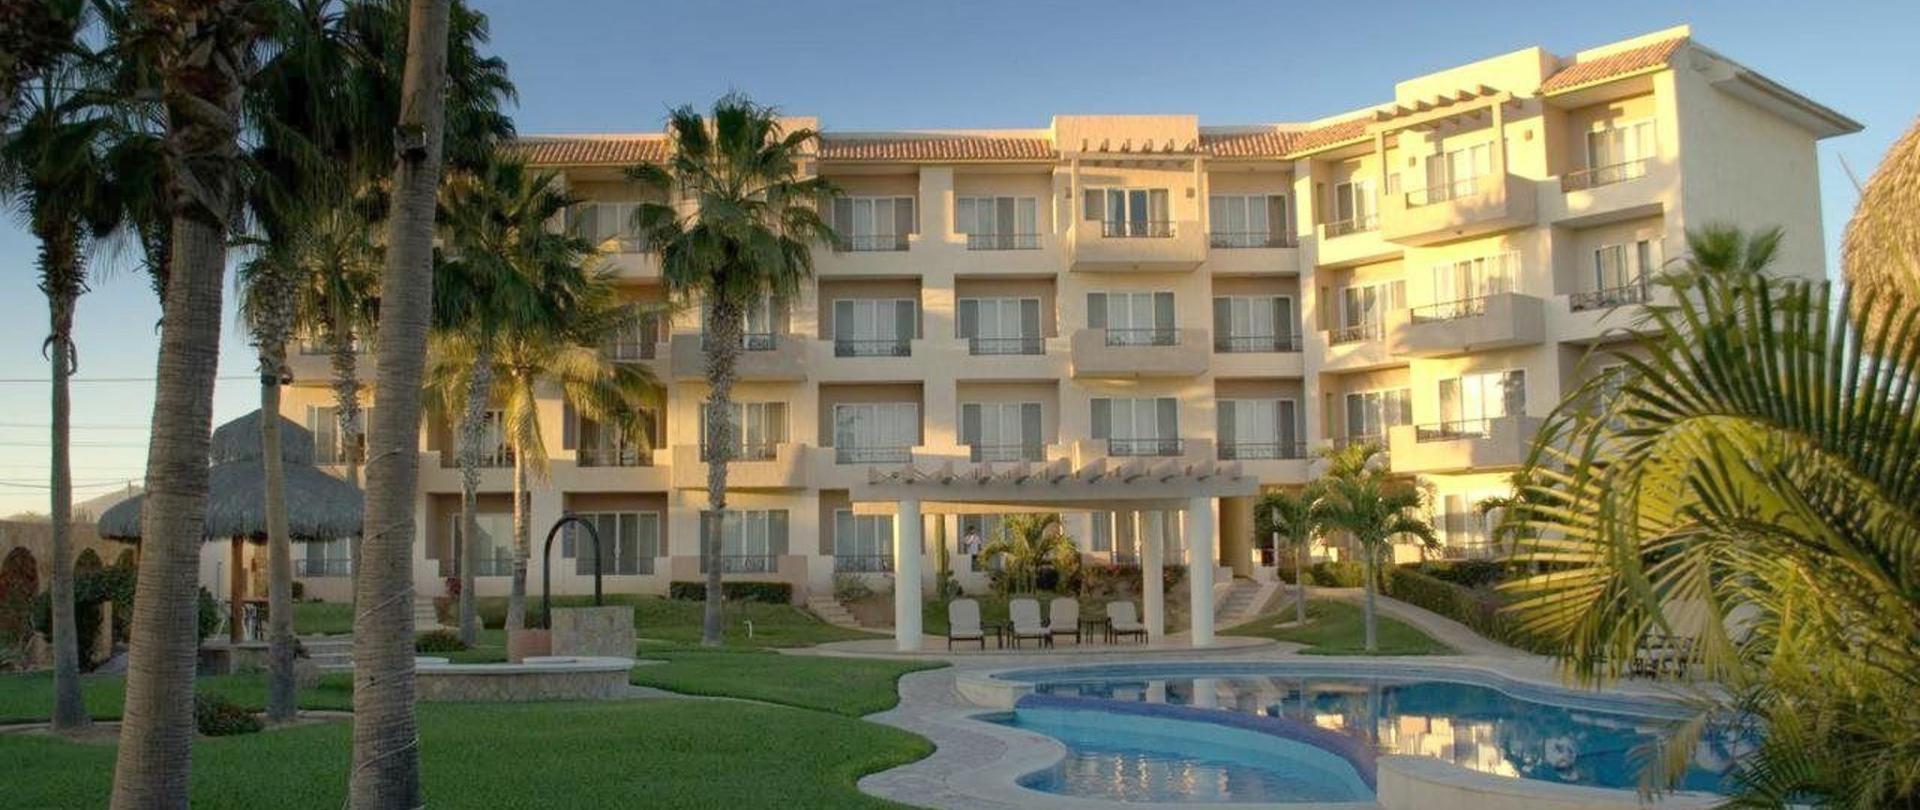 El Ameyal Hotel y Family Suites